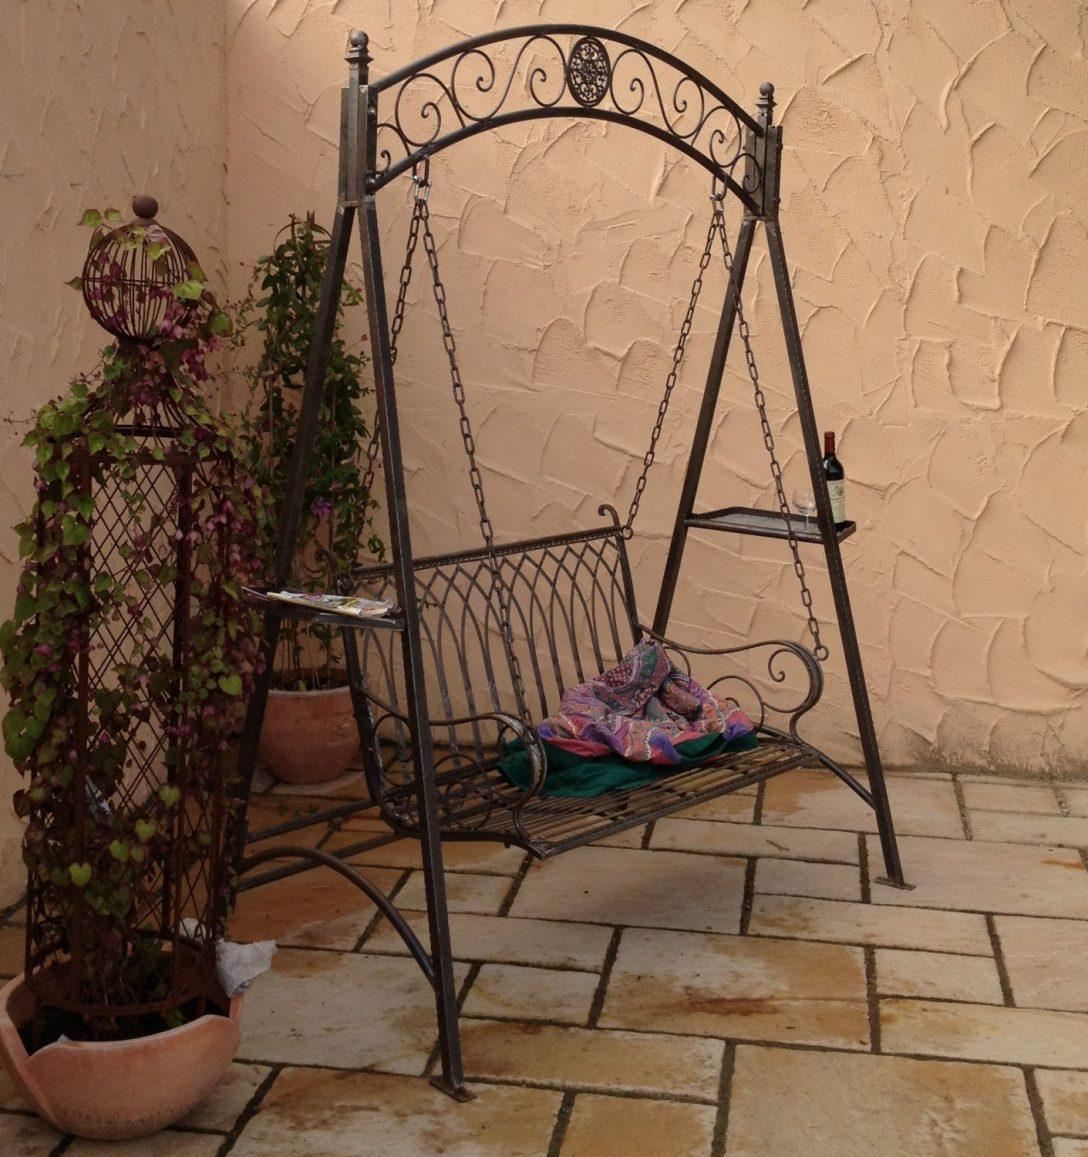 Large Size of Schaukel Für Garten Landhaus Eisen Schmiedeeisen Hollywood Romantico Essgruppe Wasserbrunnen Paravent Sichtschutz Bewässerungssysteme Test Folie Fenster Garten Schaukel Für Garten